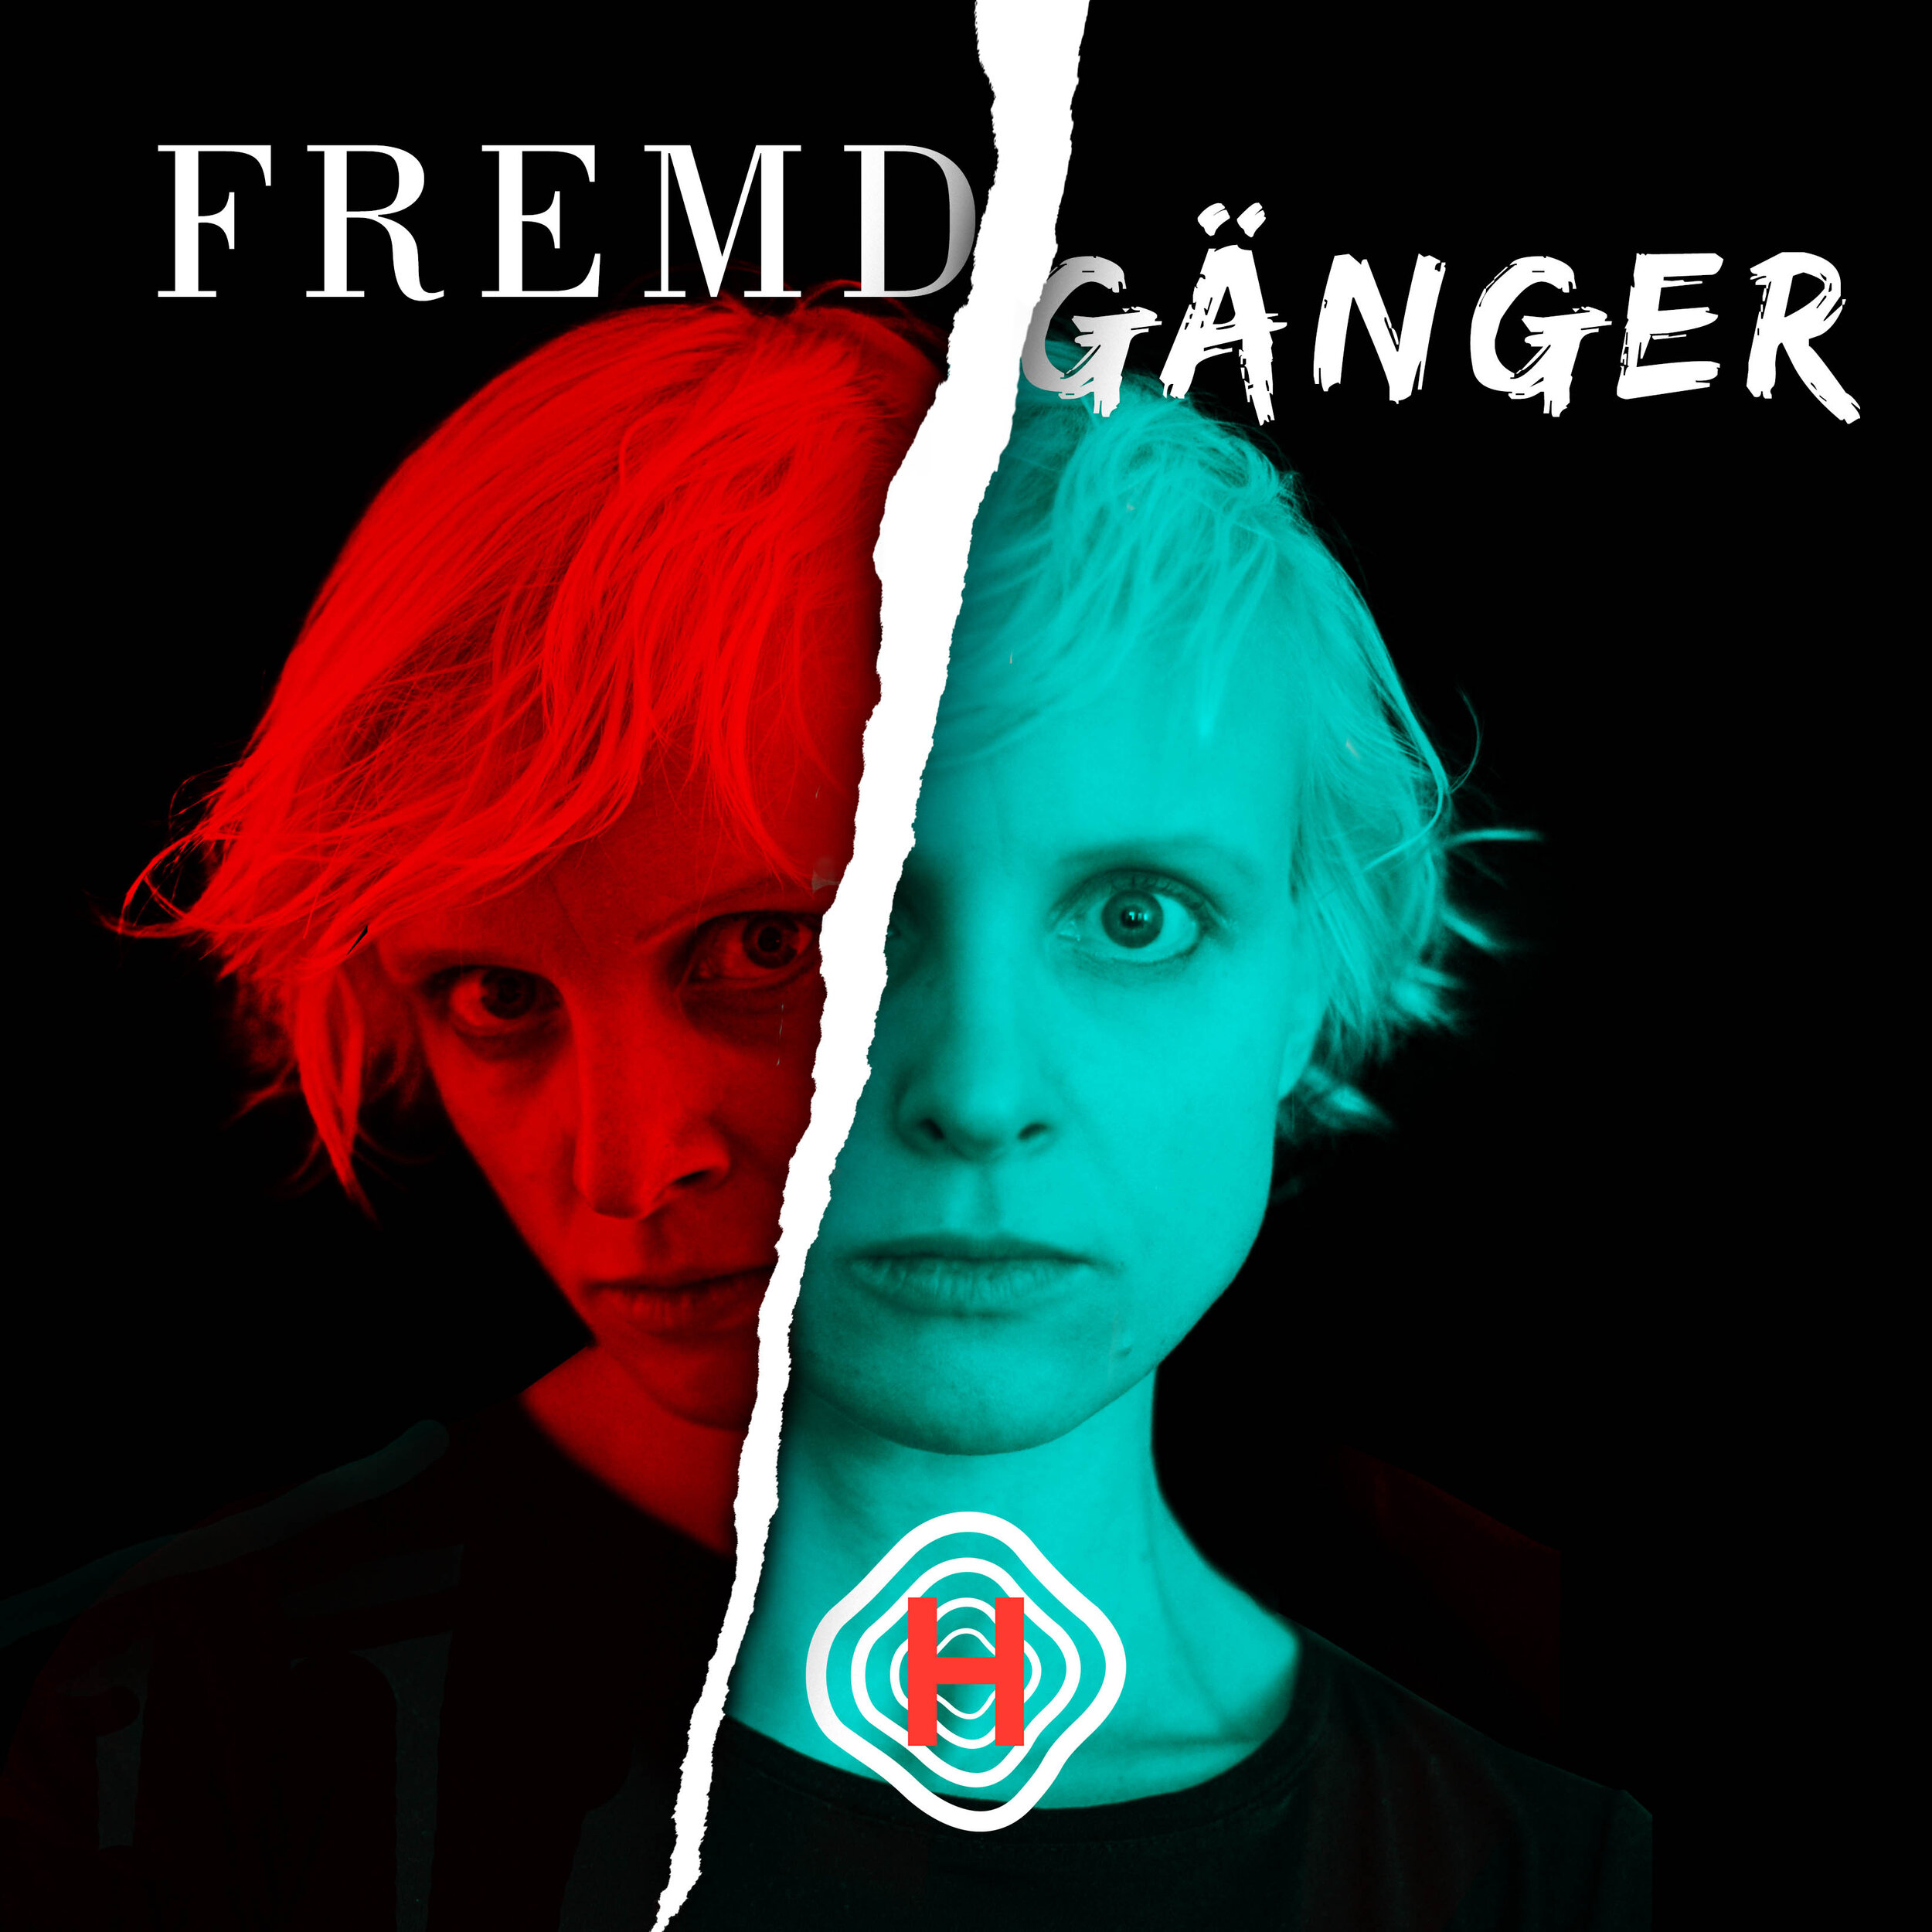 Fremdgaeger_Cover.jpg